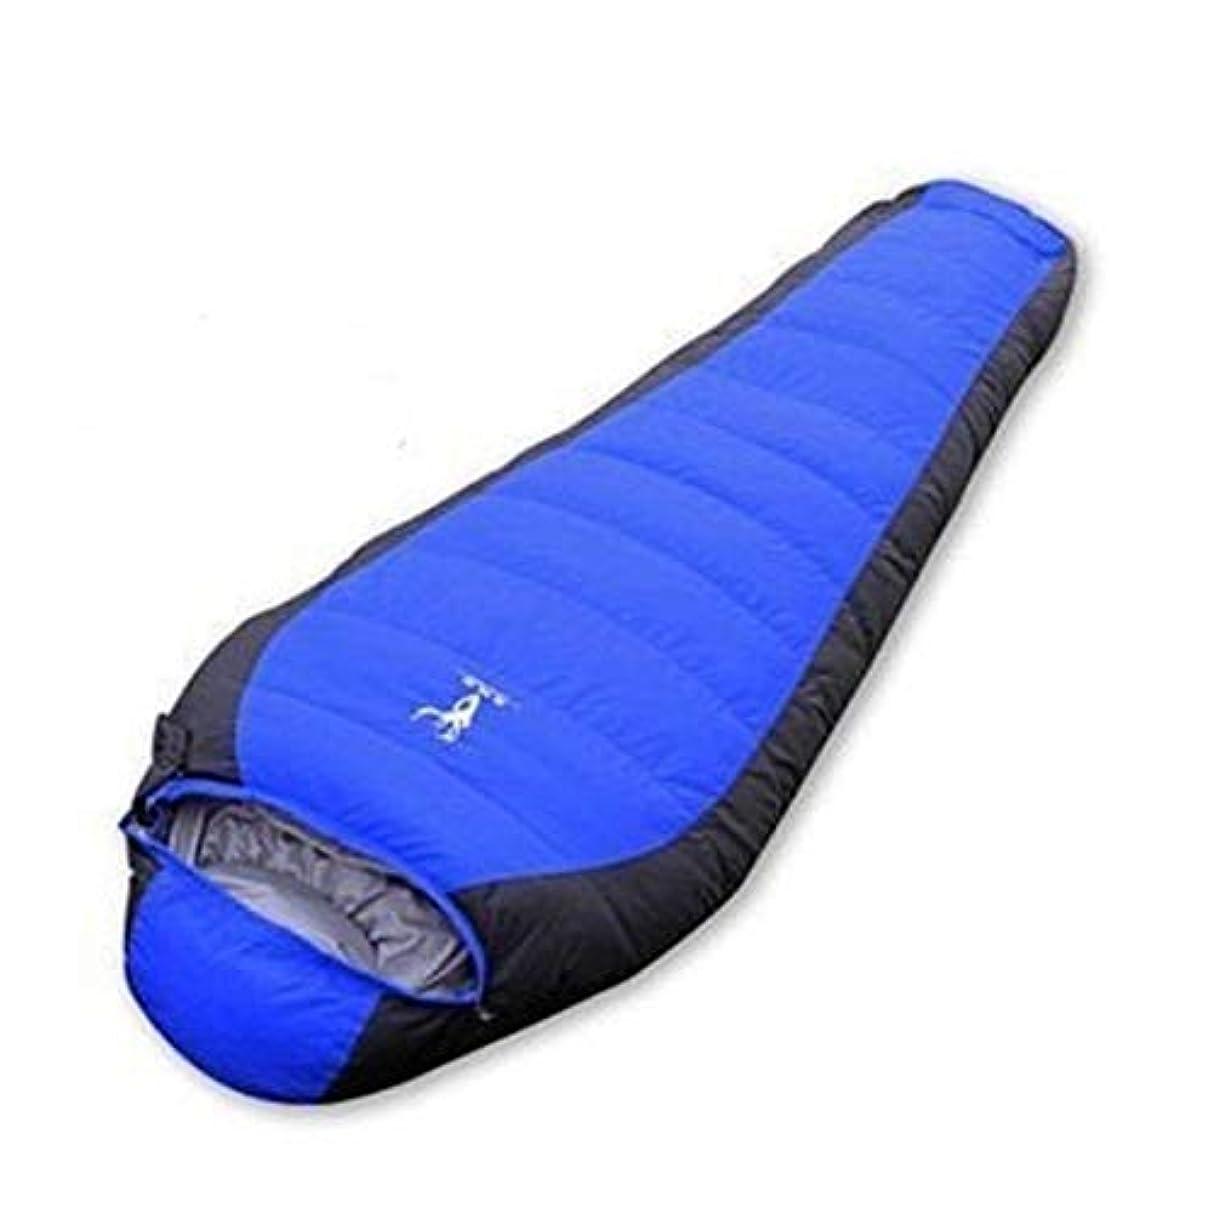 余剰正気潜在的なKainuoo アウトドアダウン寝袋キャンプダック冬防水大人ママ寝袋ライト超暖かい